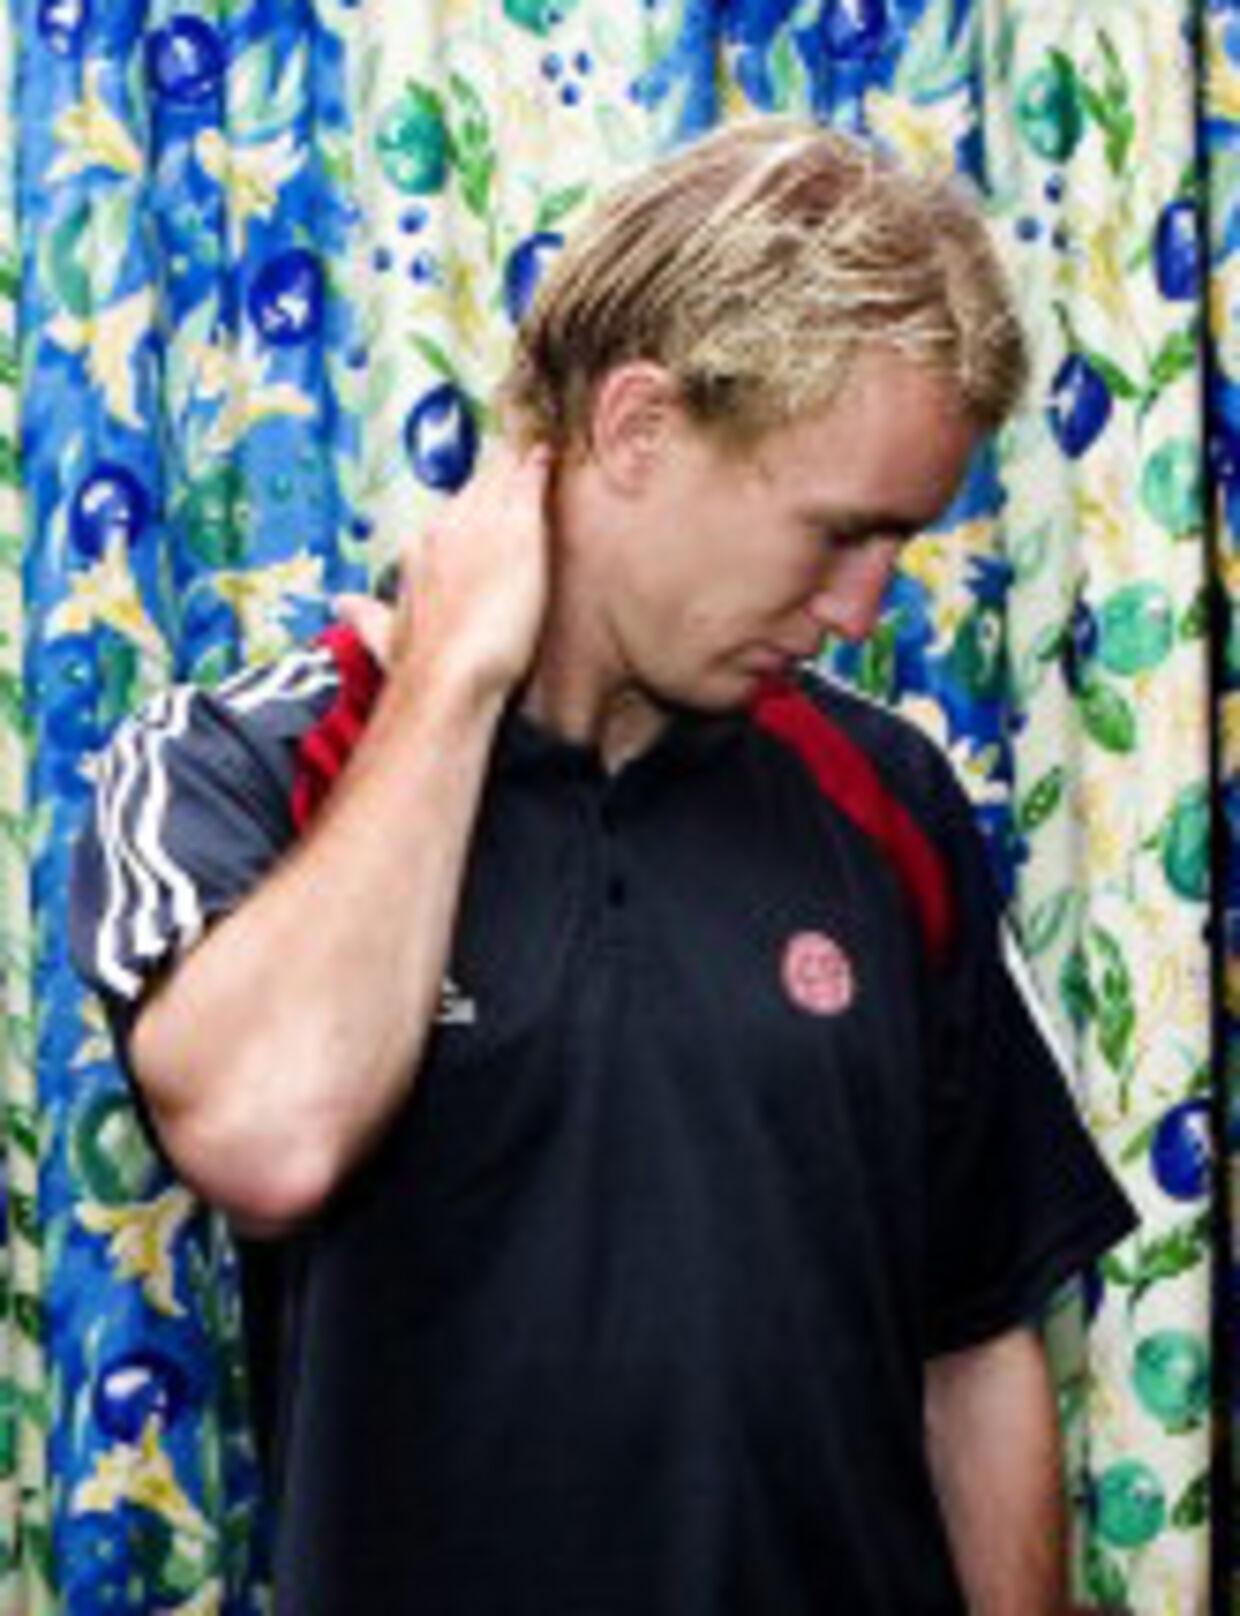 Thomas Kahlenberg klør sig i nakken efter den mislykkede VM-mission med A-landsholdet. Nu gælder det EM med U21-landsholdet. Foto: Jeppe Carlsen